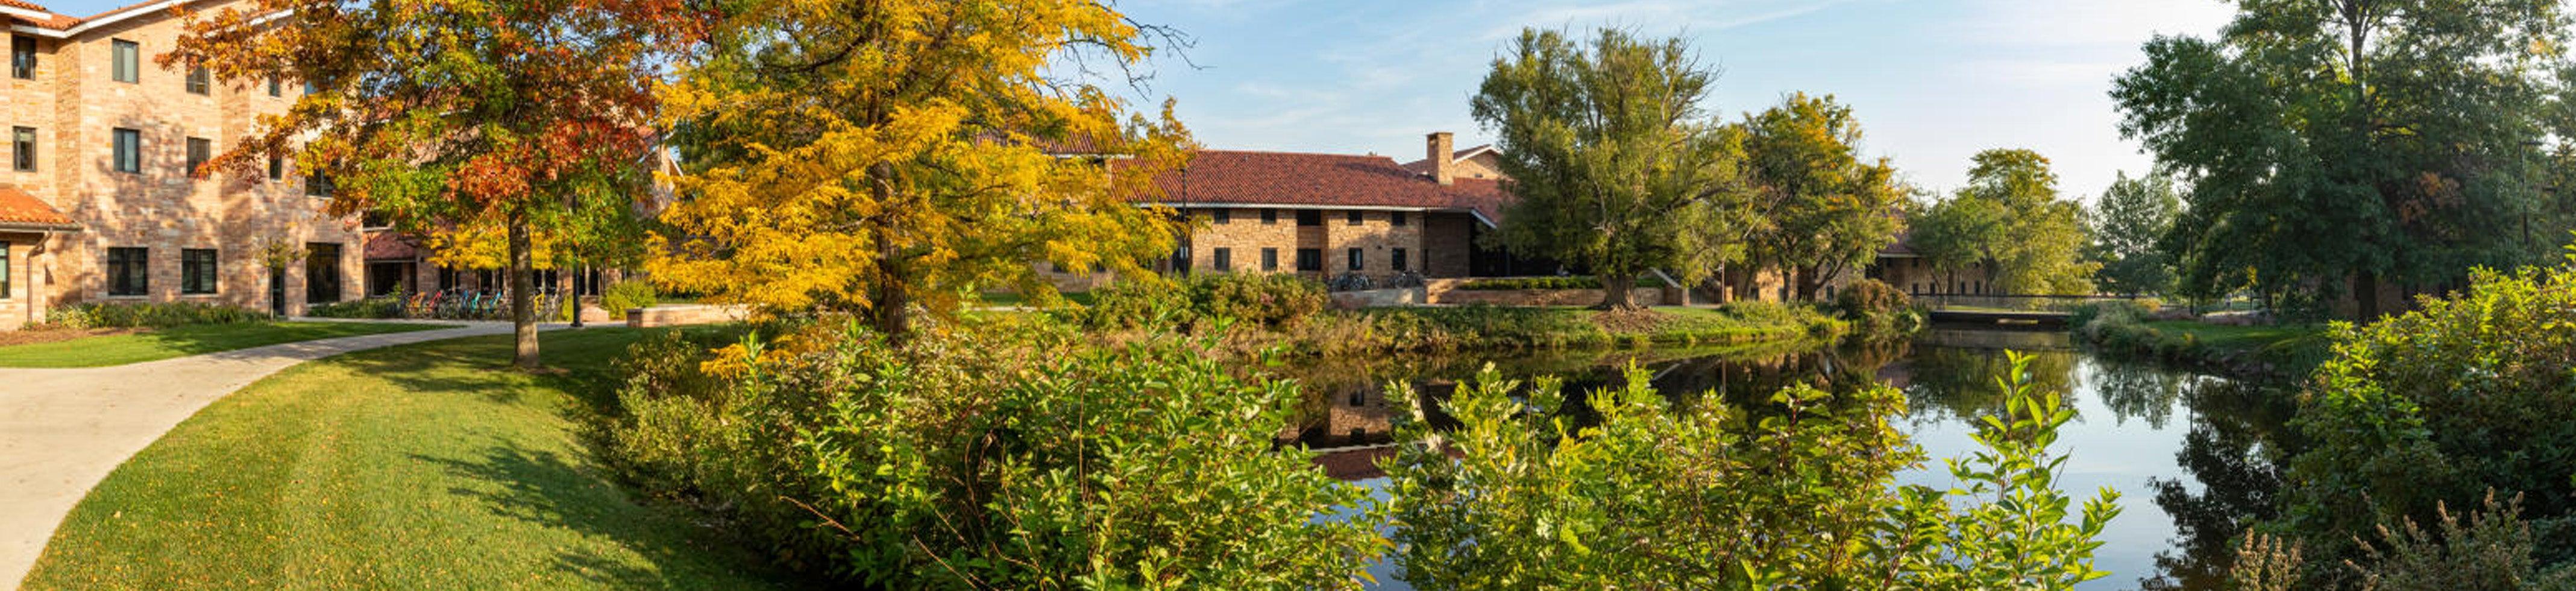 Kittredge pond